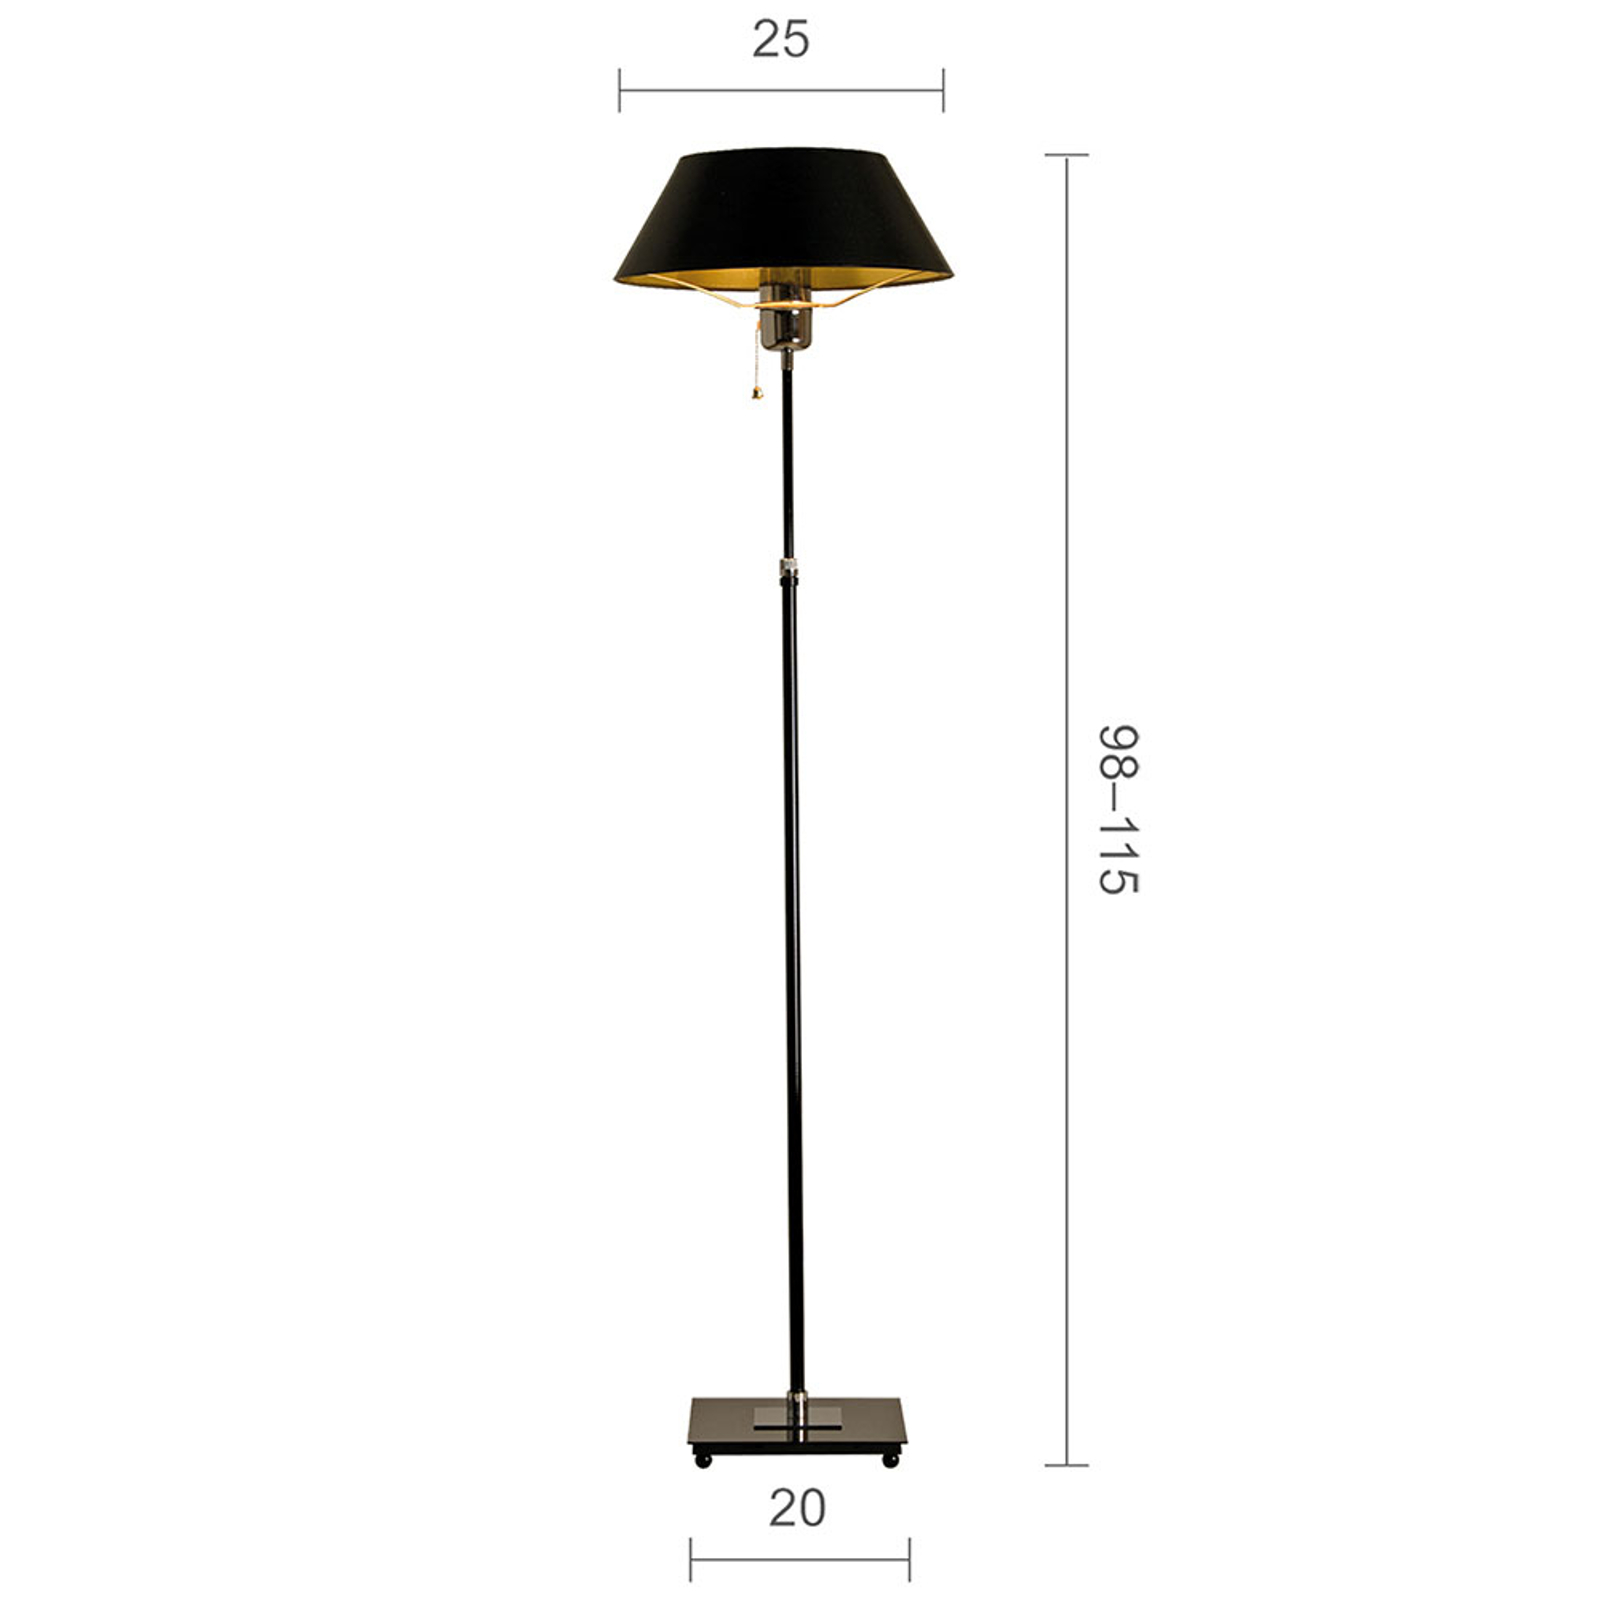 Menzel Antos AF6125 Stehleuchte, Schirm schwarz